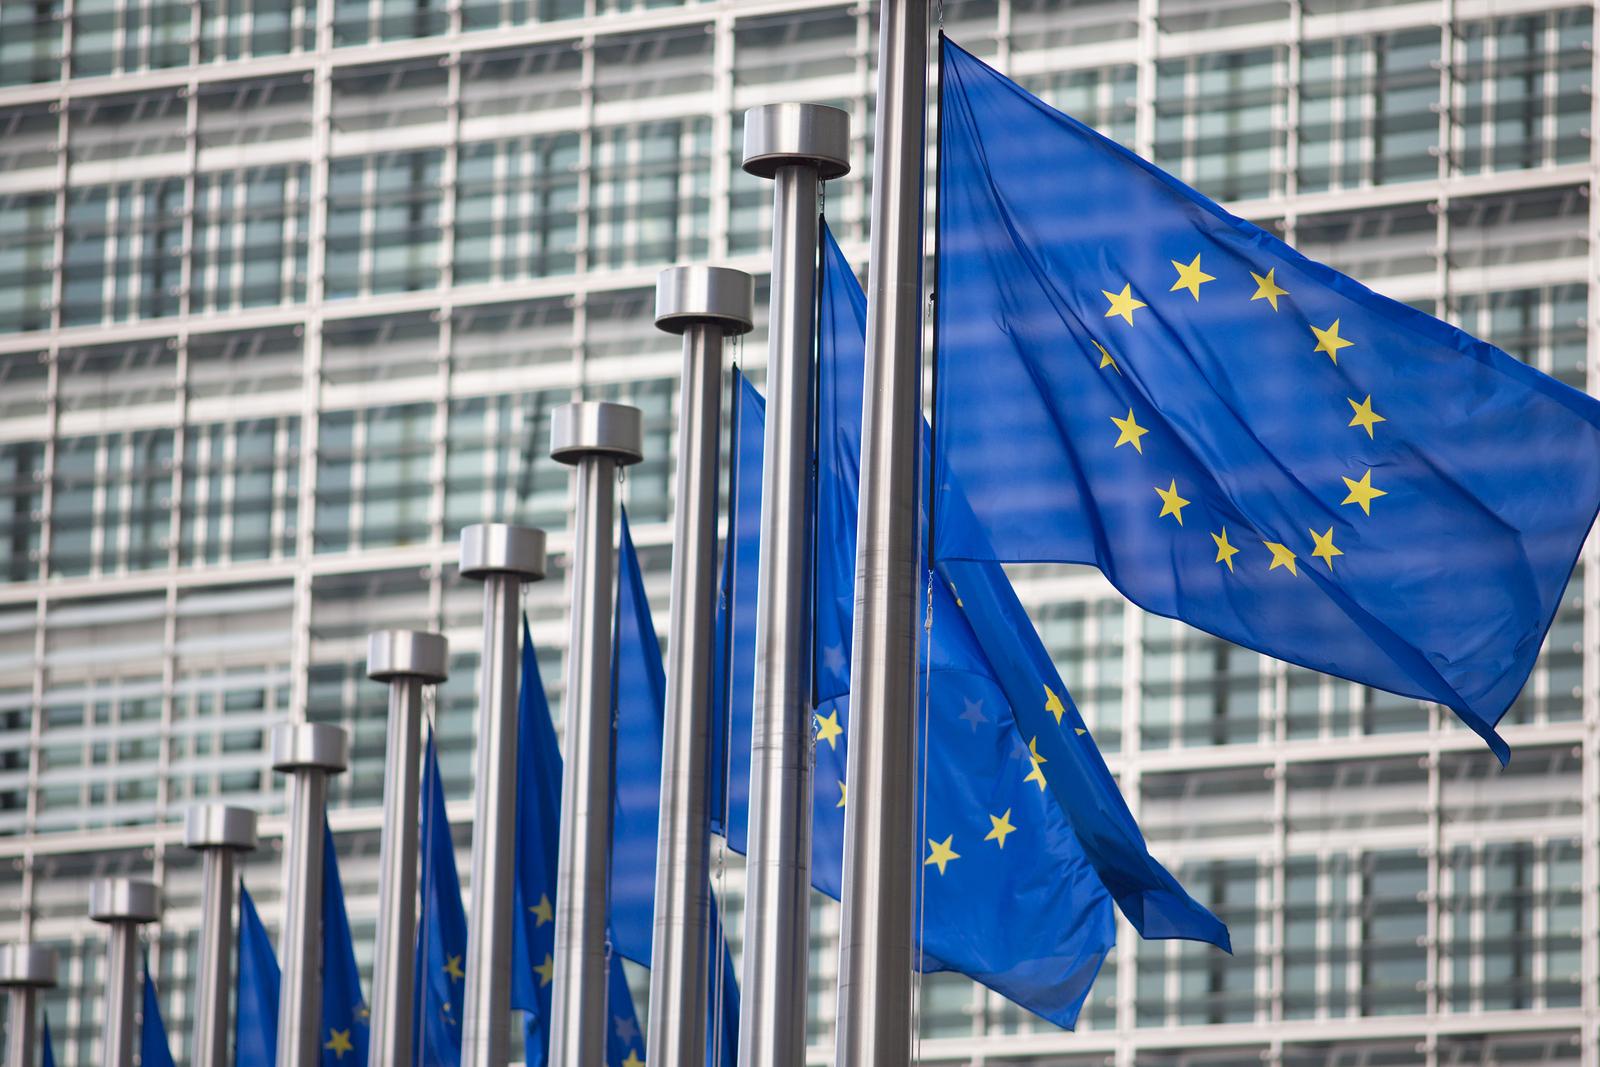 EU apple antitrust